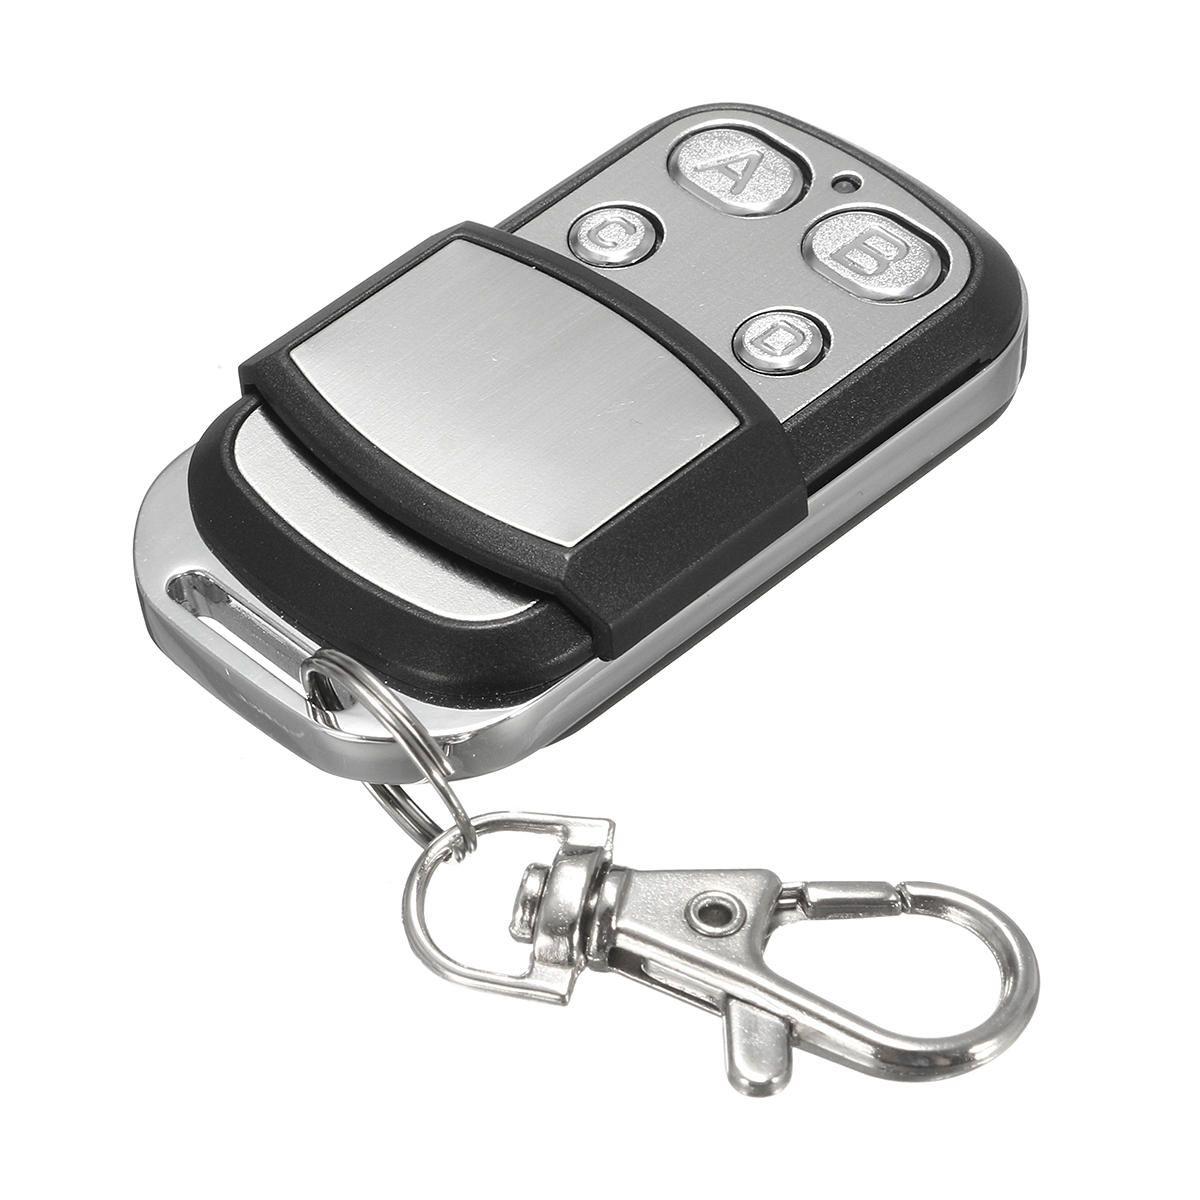 Door Gate Remote Control Garage Door Gate Remote Control Key 433.92 MHz Compatible For Mhouse//MyHouse TX4 TX3 GTX4 Garage Door Remote